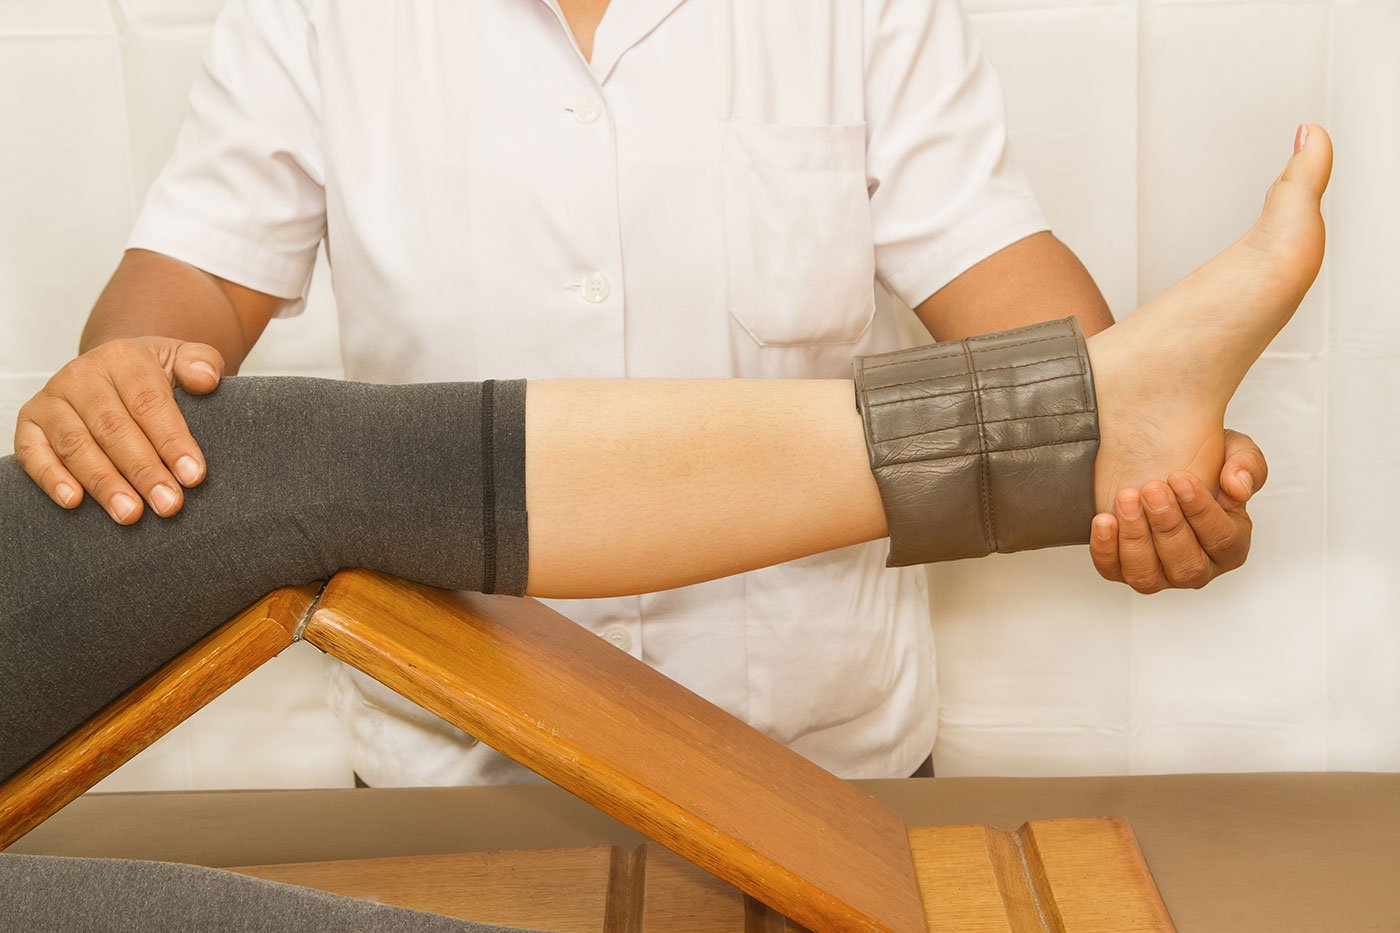 un fisioterapista che tiene la gamba di una donna